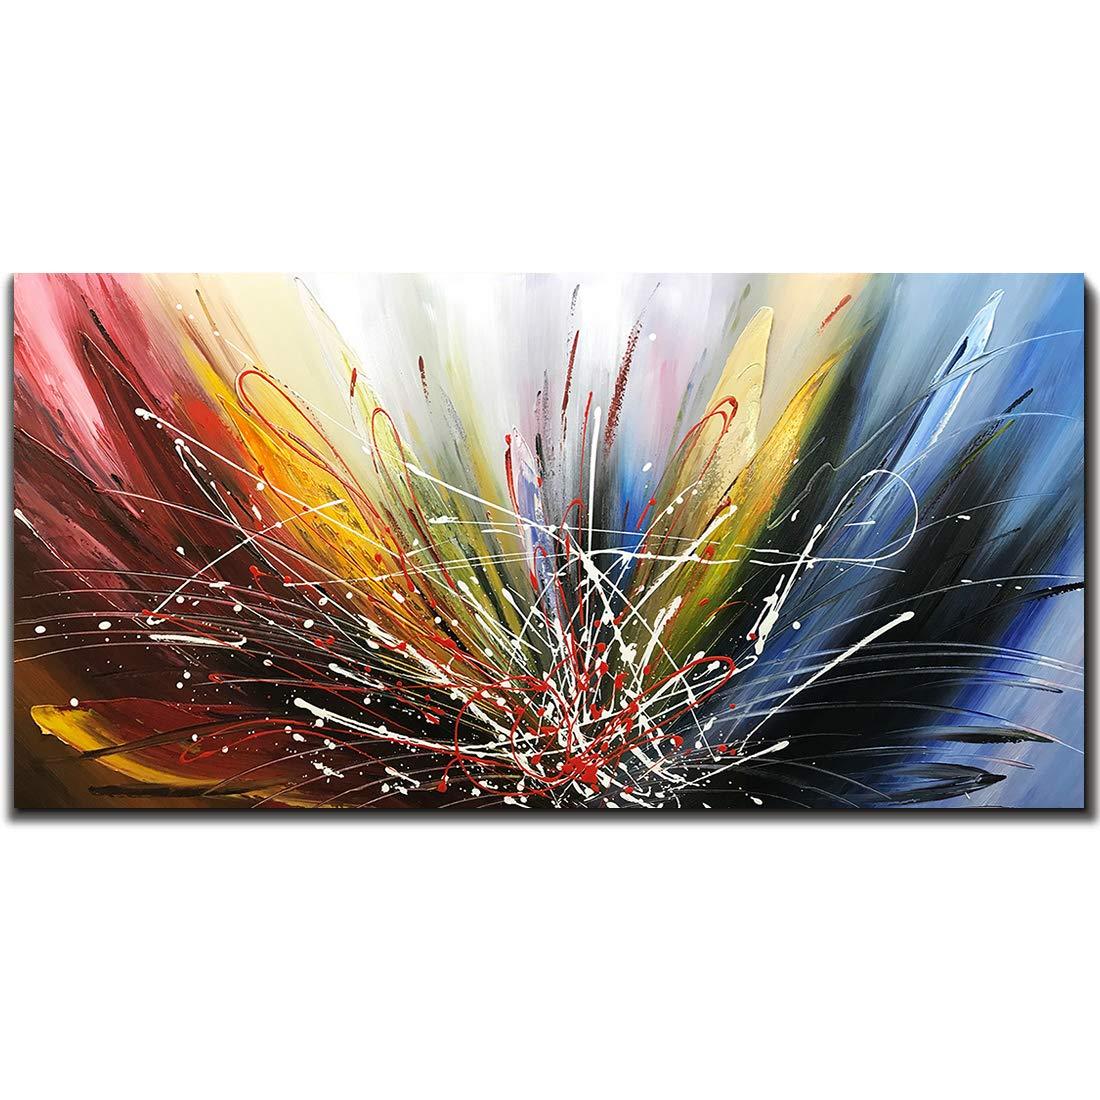 Tiancheng Art 24x48 inch Abstract Art Canvas Art